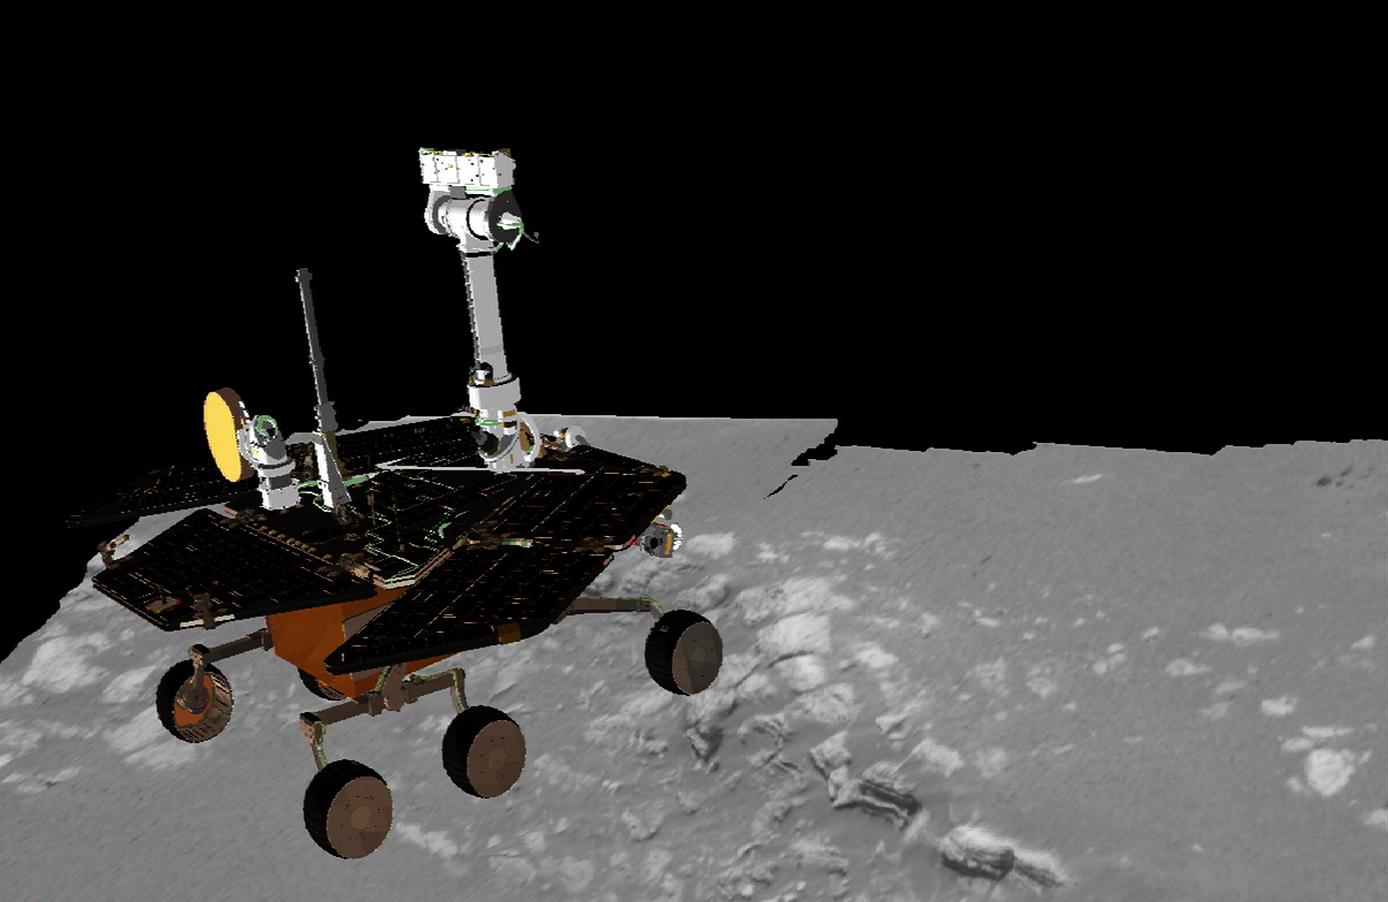 nasa mars rover opportunity - photo #29